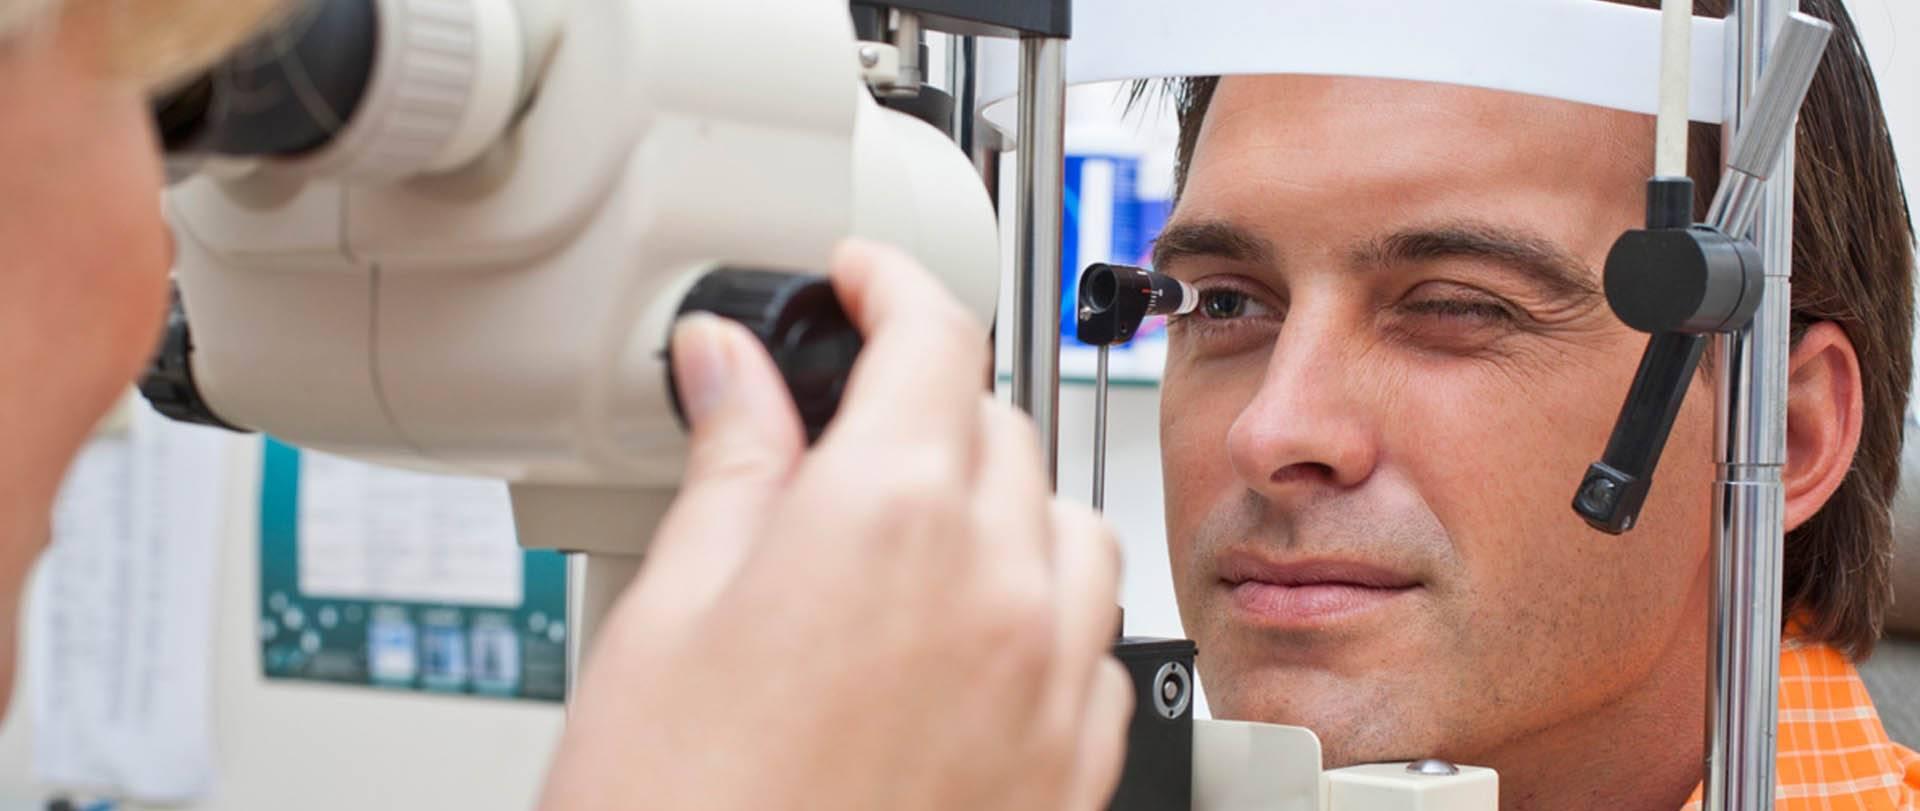 Биомикроскопия глаза что это показания как проводят - мед портал tvoiamedkarta.ru